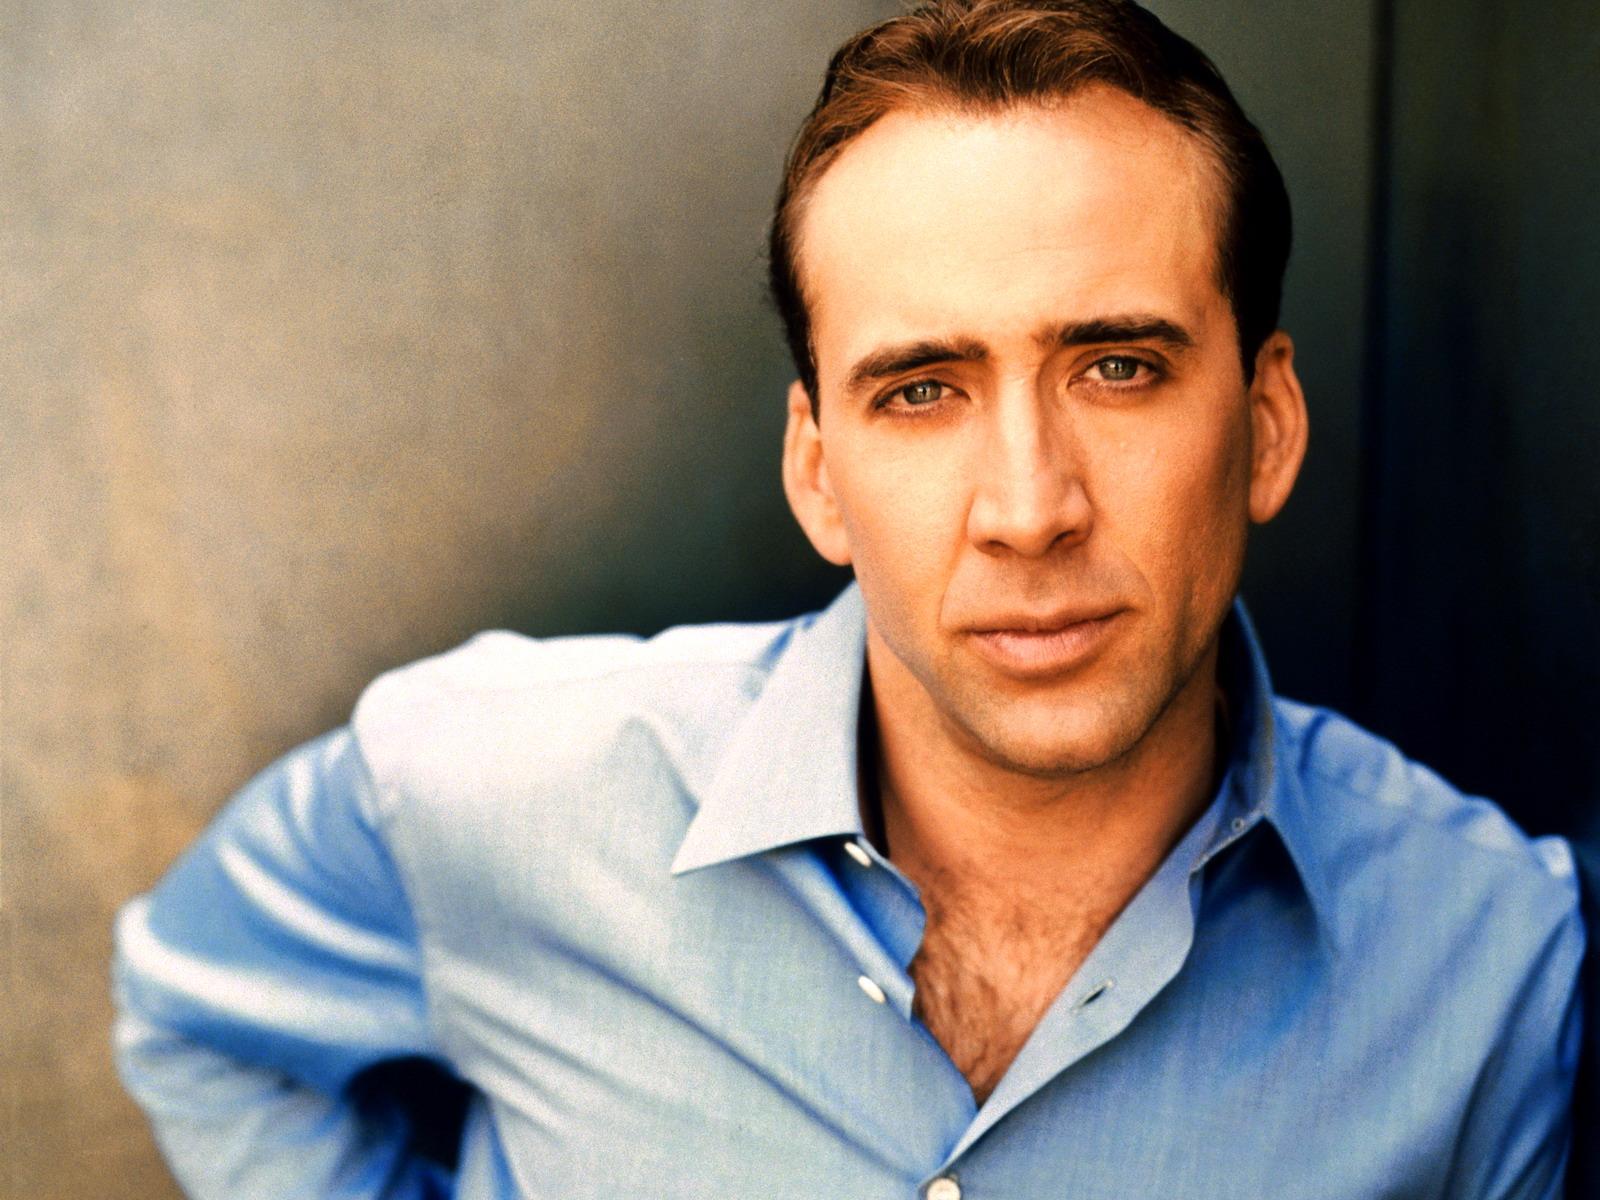 Nicolas Cage Wallpaper @ Go4Celebrity.com